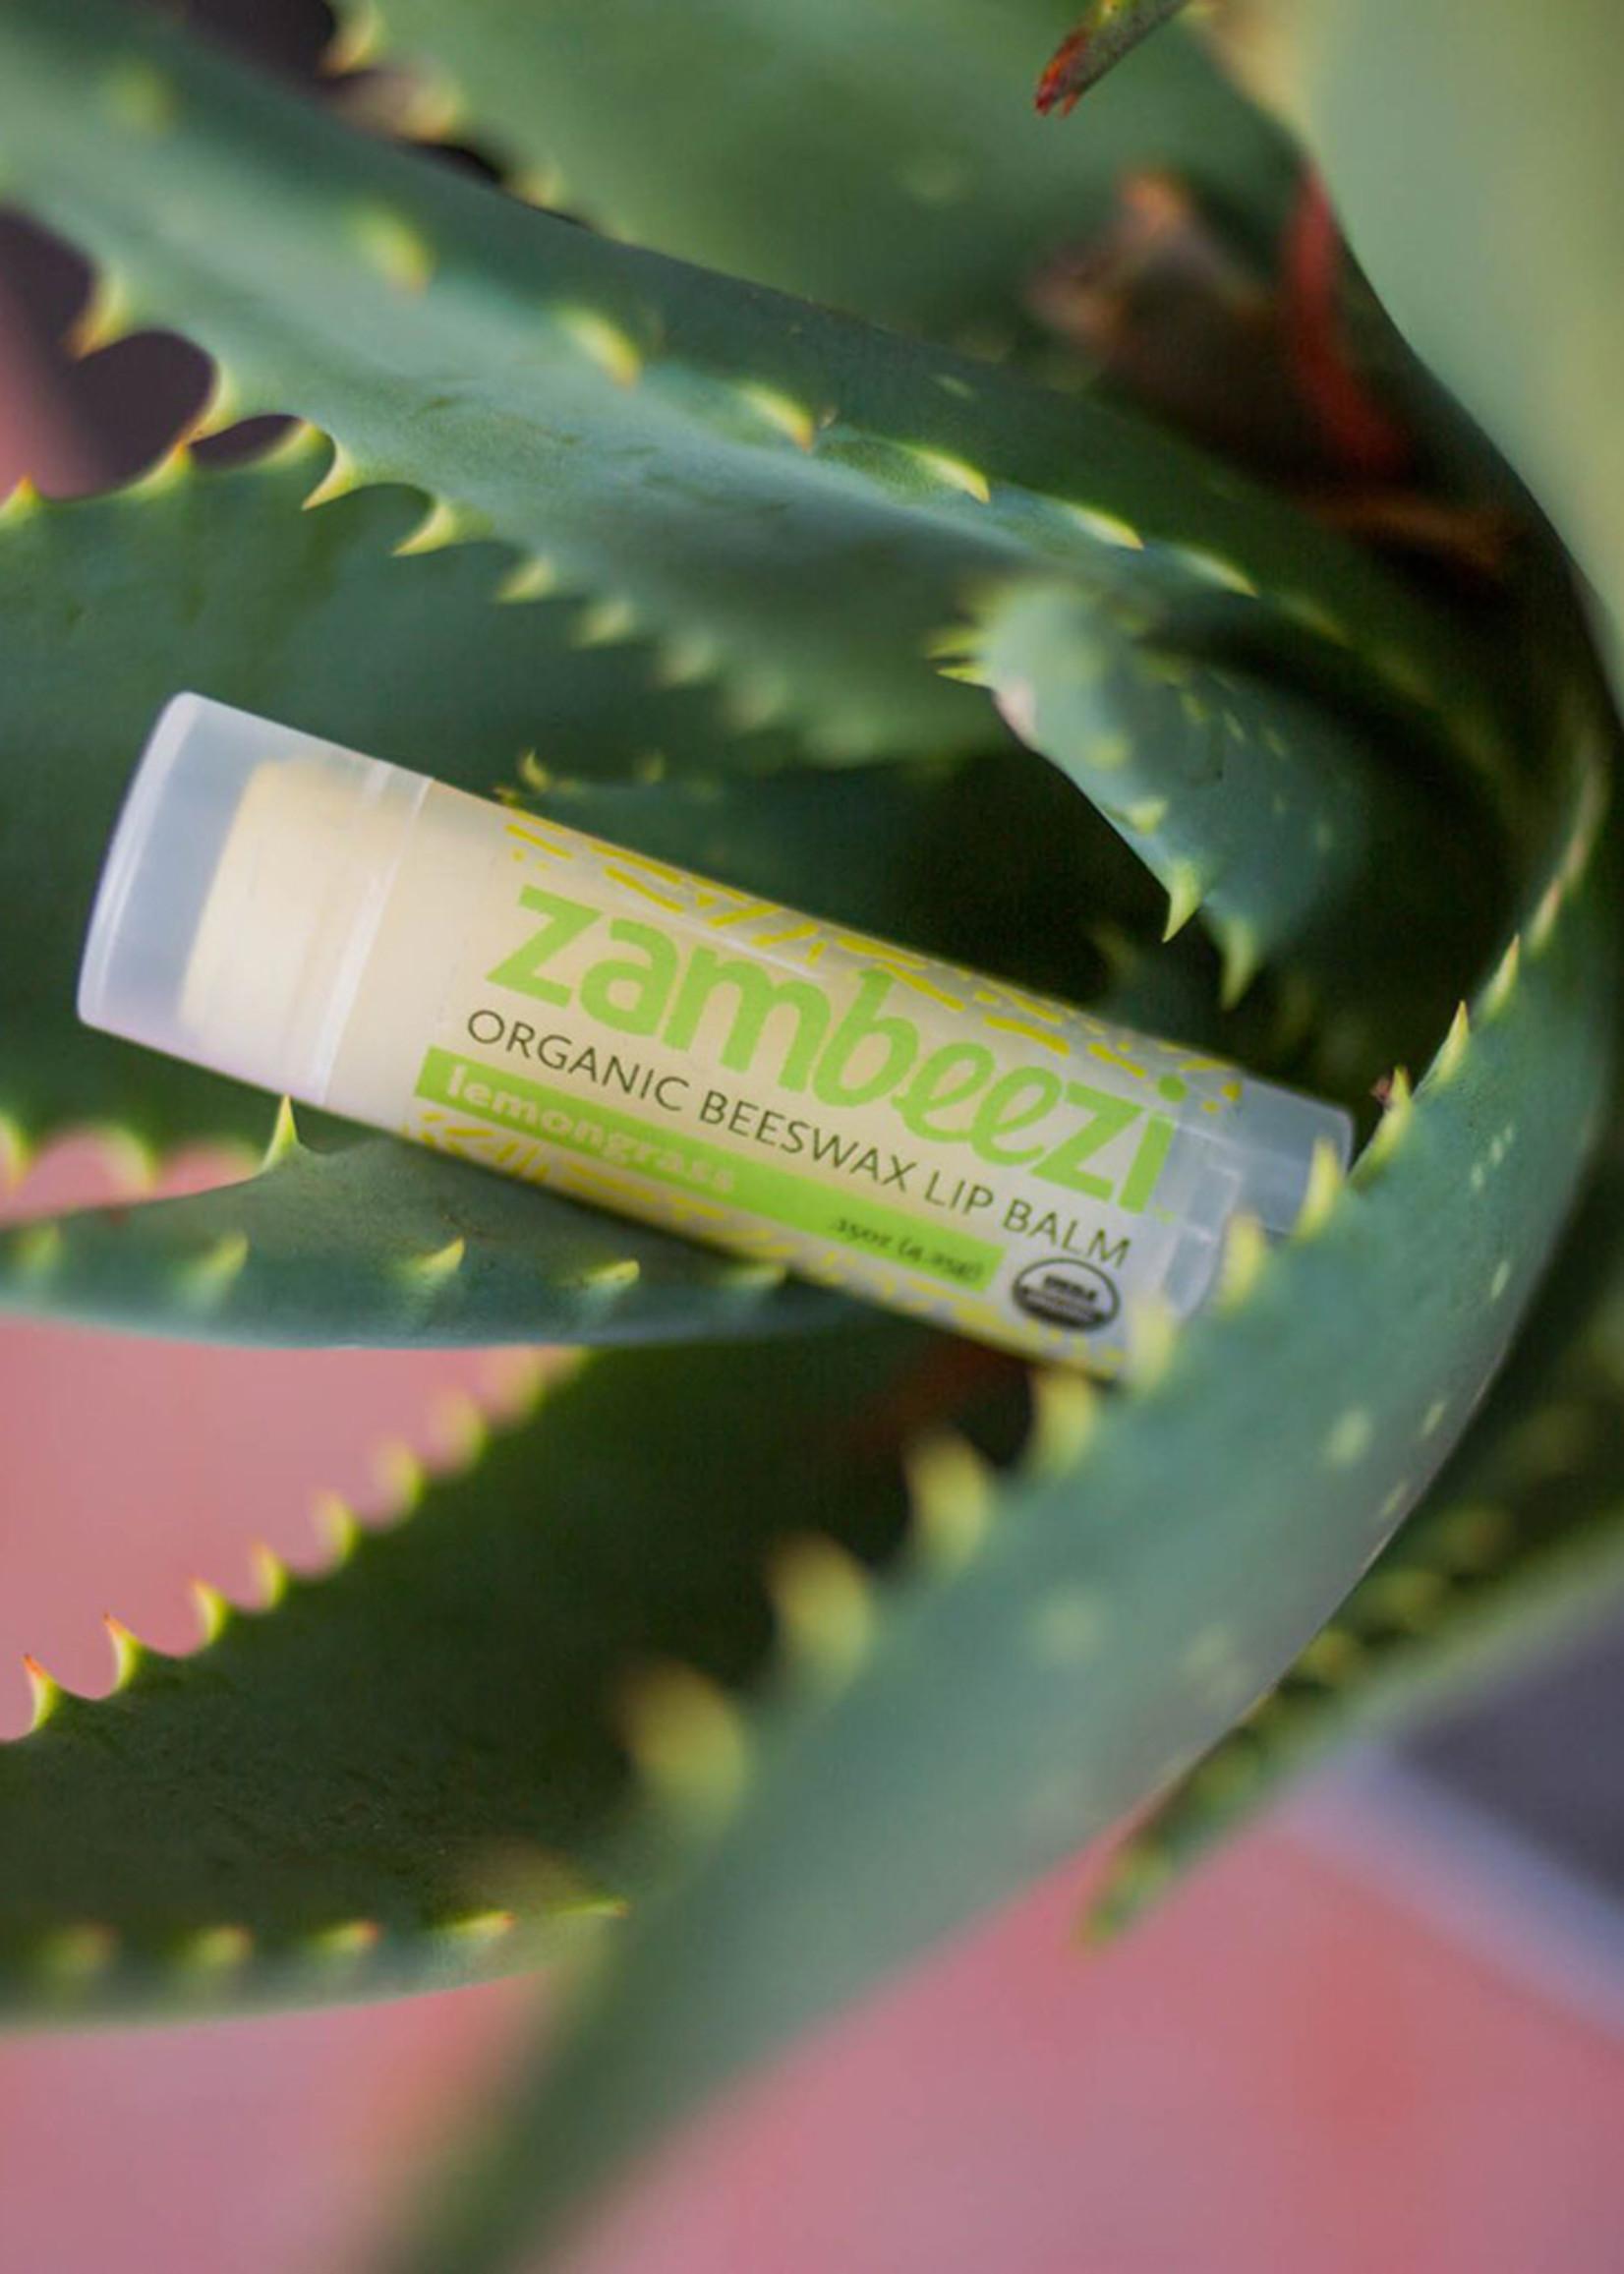 Lemongrass Beeswax Lip Balm